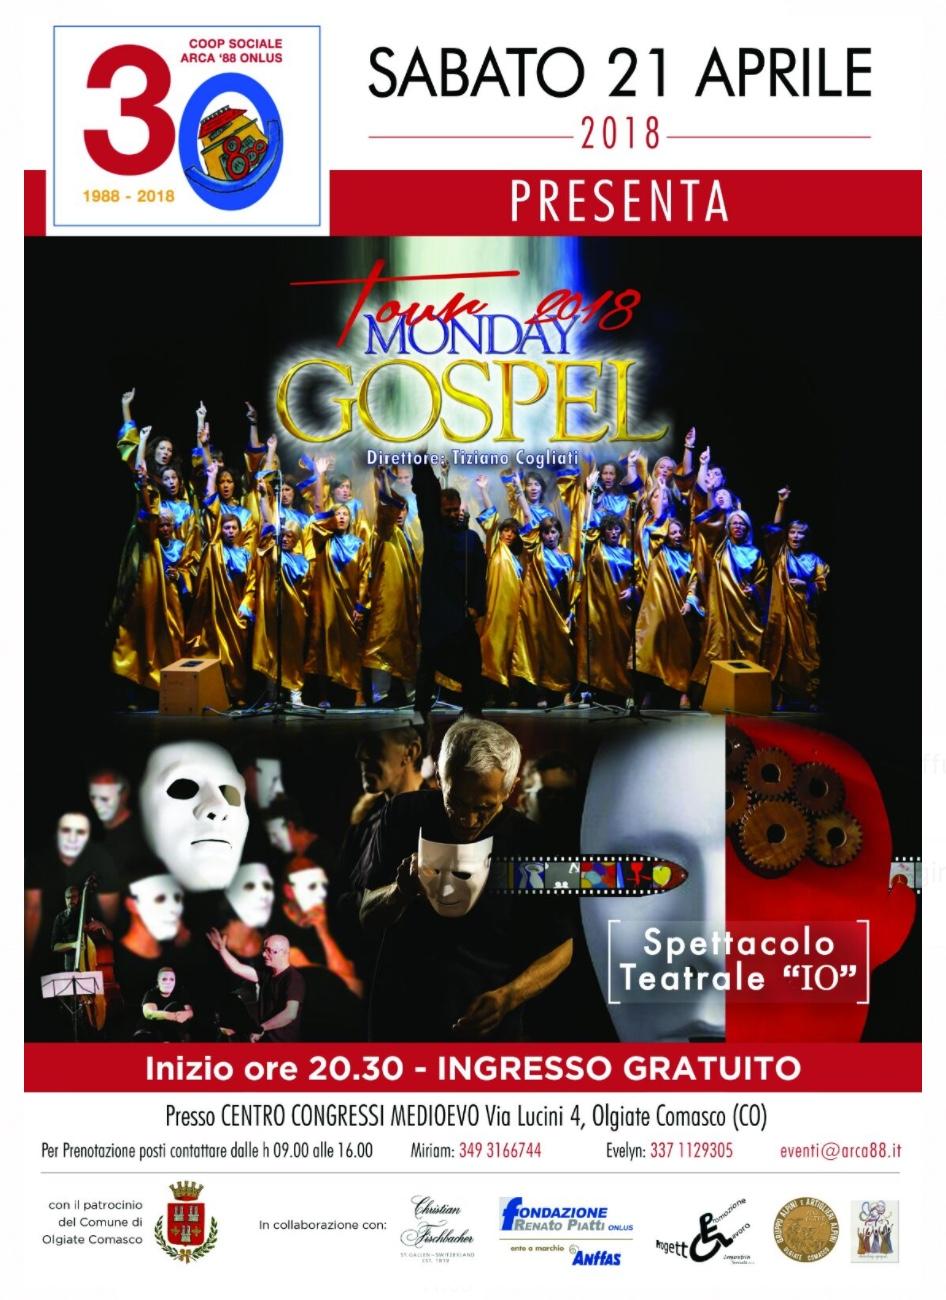 """Sabato 21 aprile 2018, concerto Gospel e spettacolo """"IO"""": Arca 88 festeggia i suoi 30 anni"""